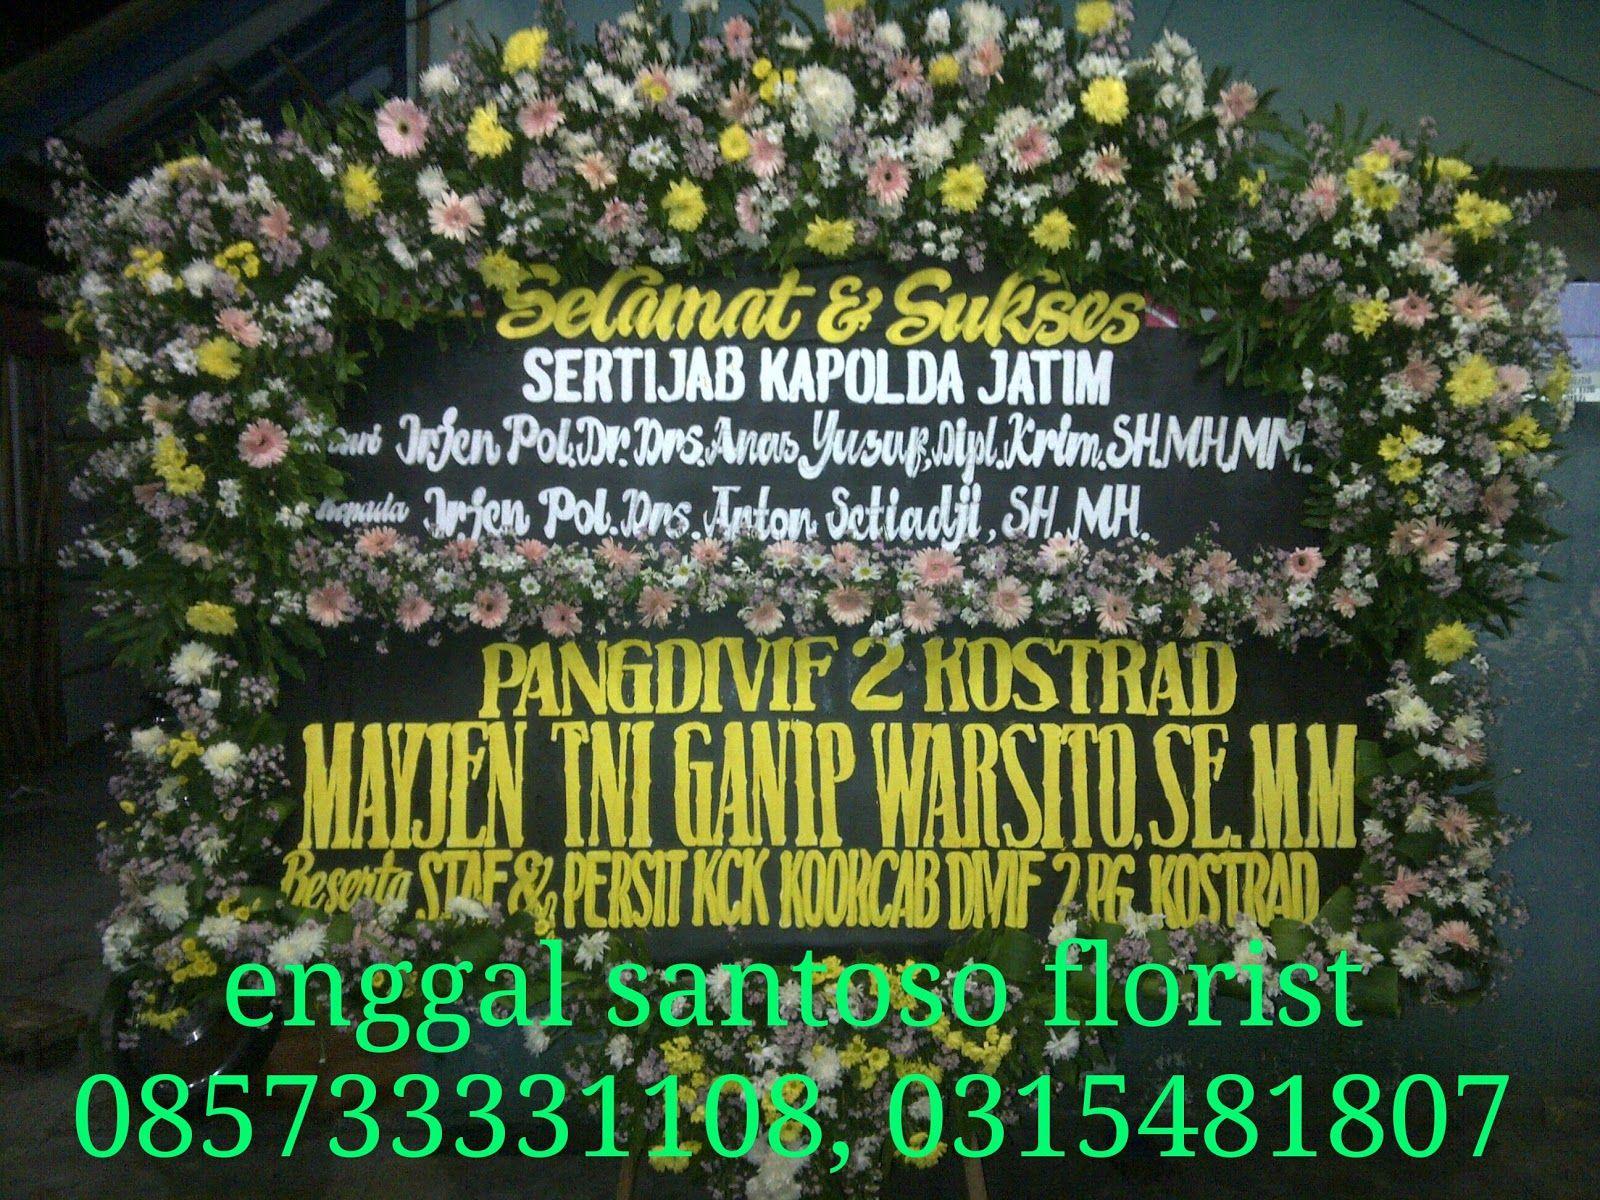 Karangan Bunga Ucapan Sertijab Toko Rangkaian Karangan Bunga Online Surabaya 085733331108 Karangan Bunga Bunga Karangan